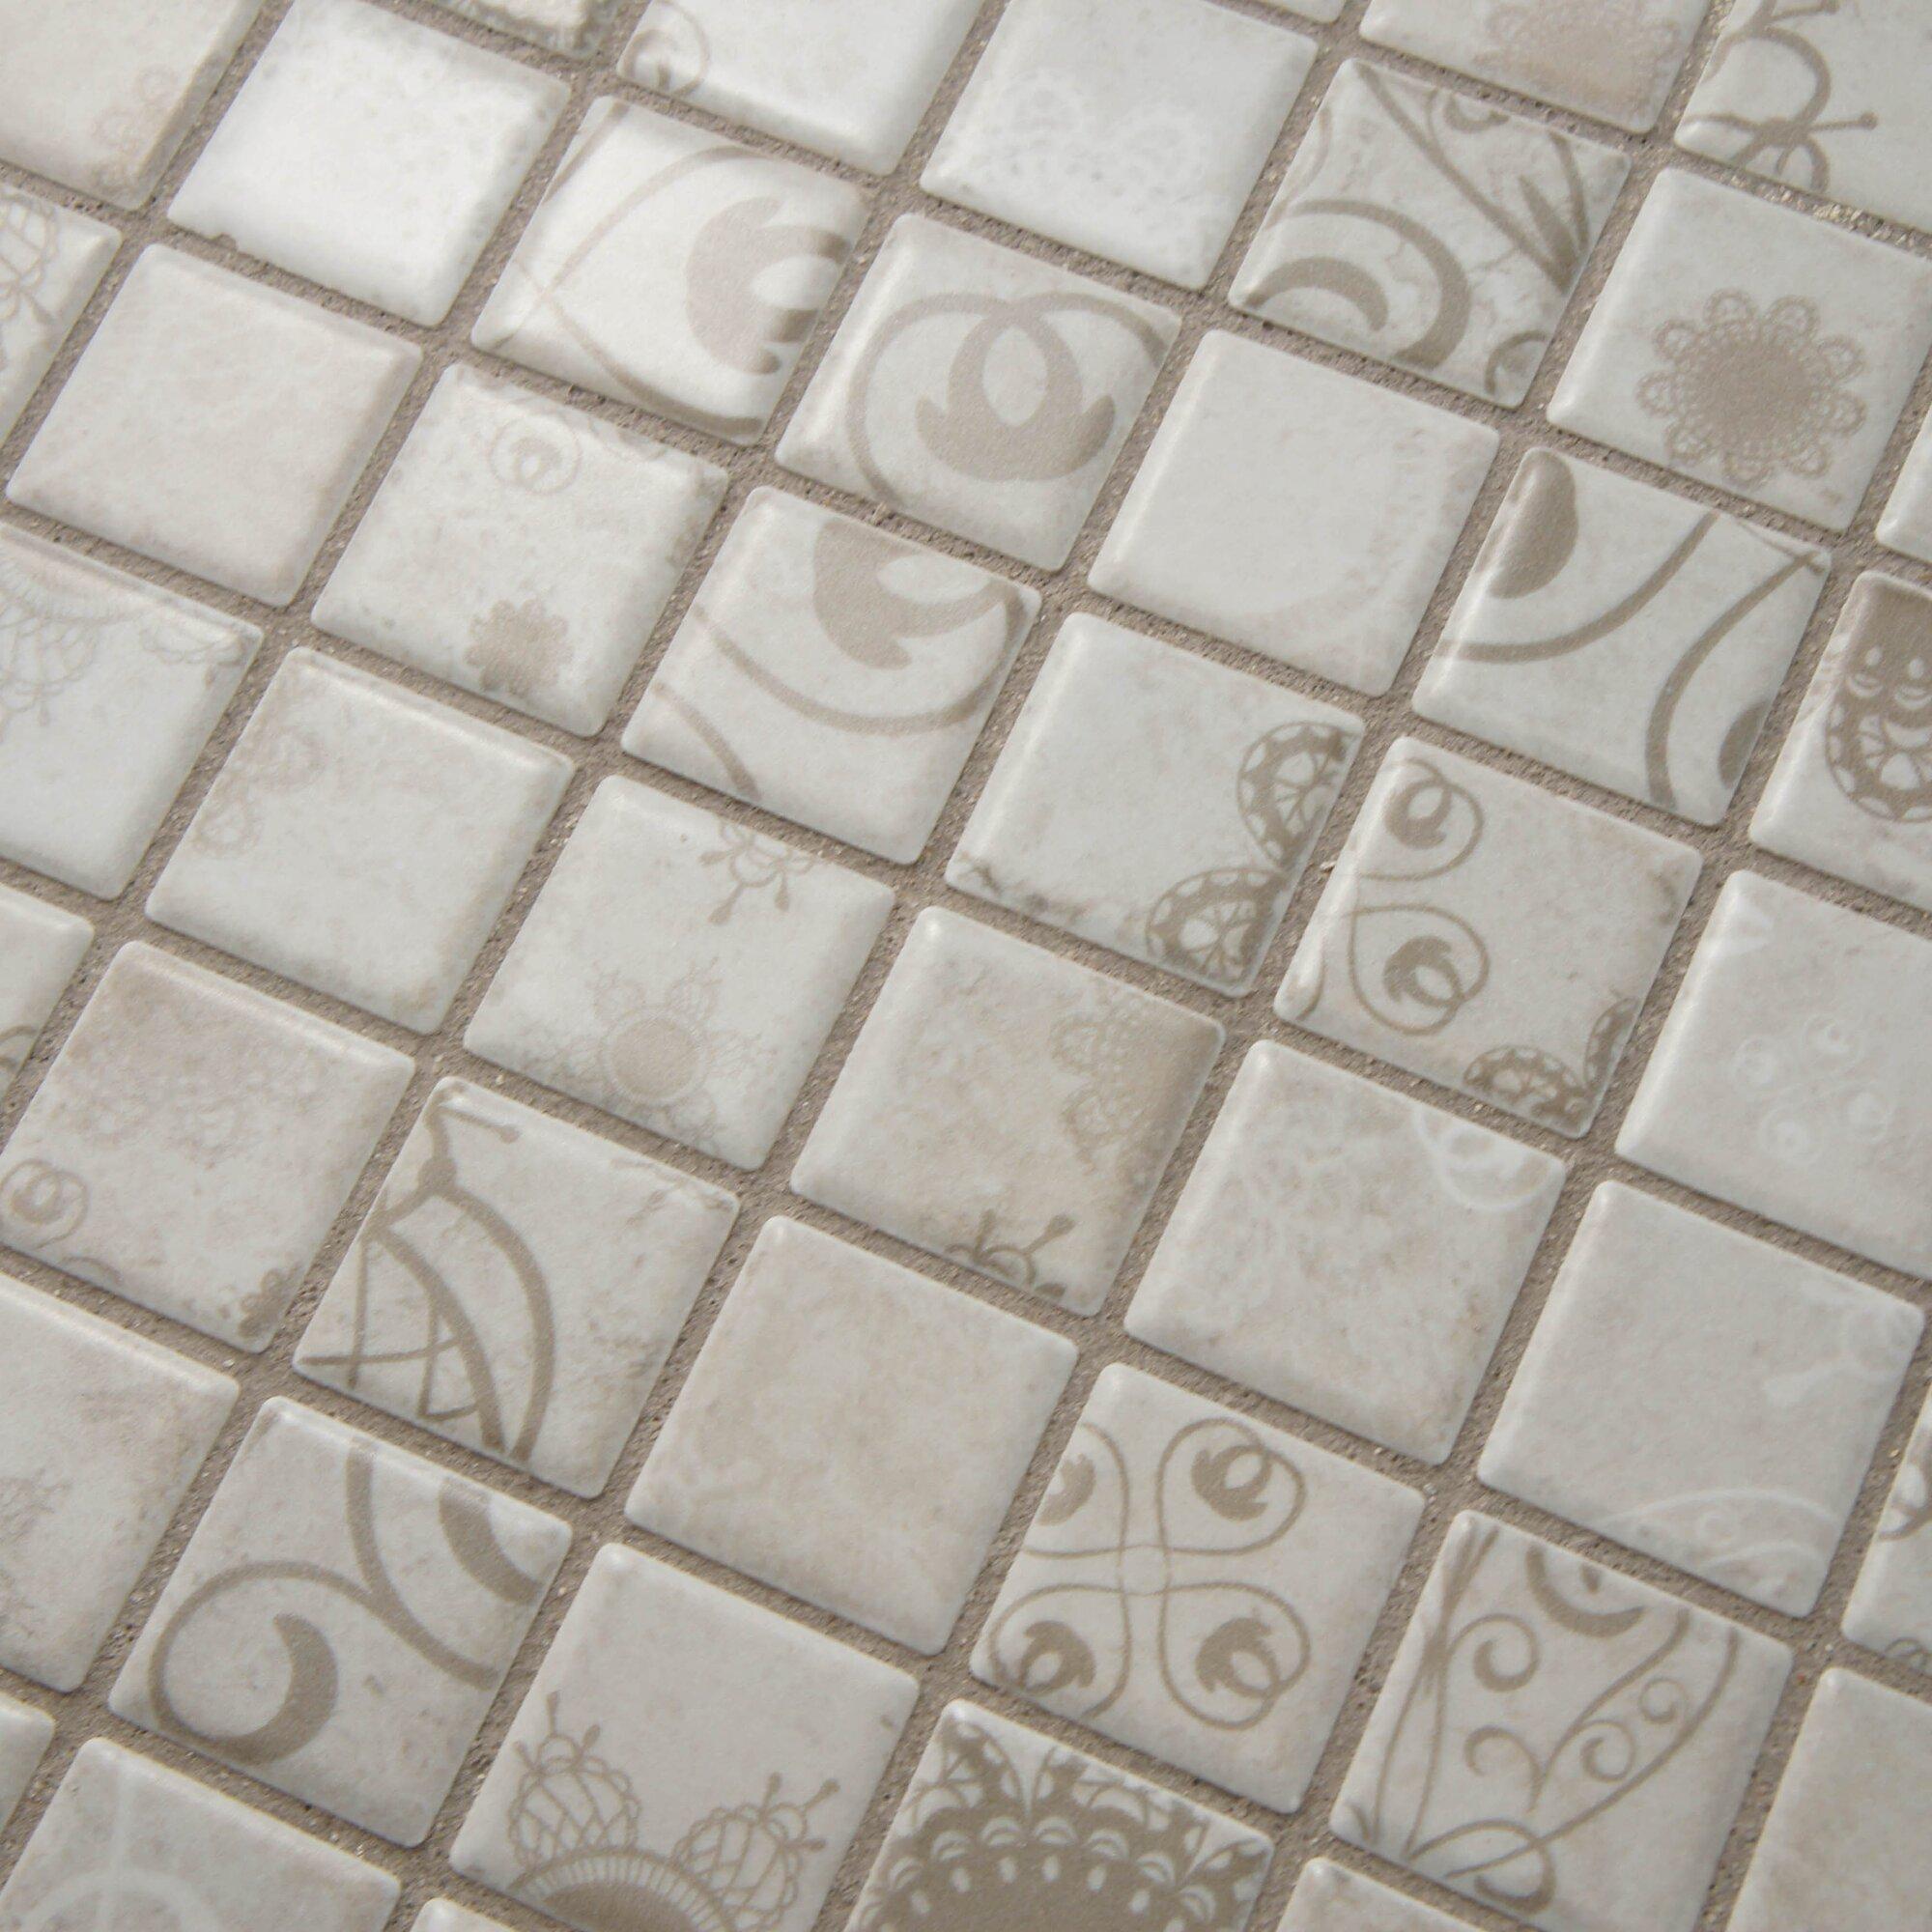 1 Inch White Hexagon Gloss Floor Tile